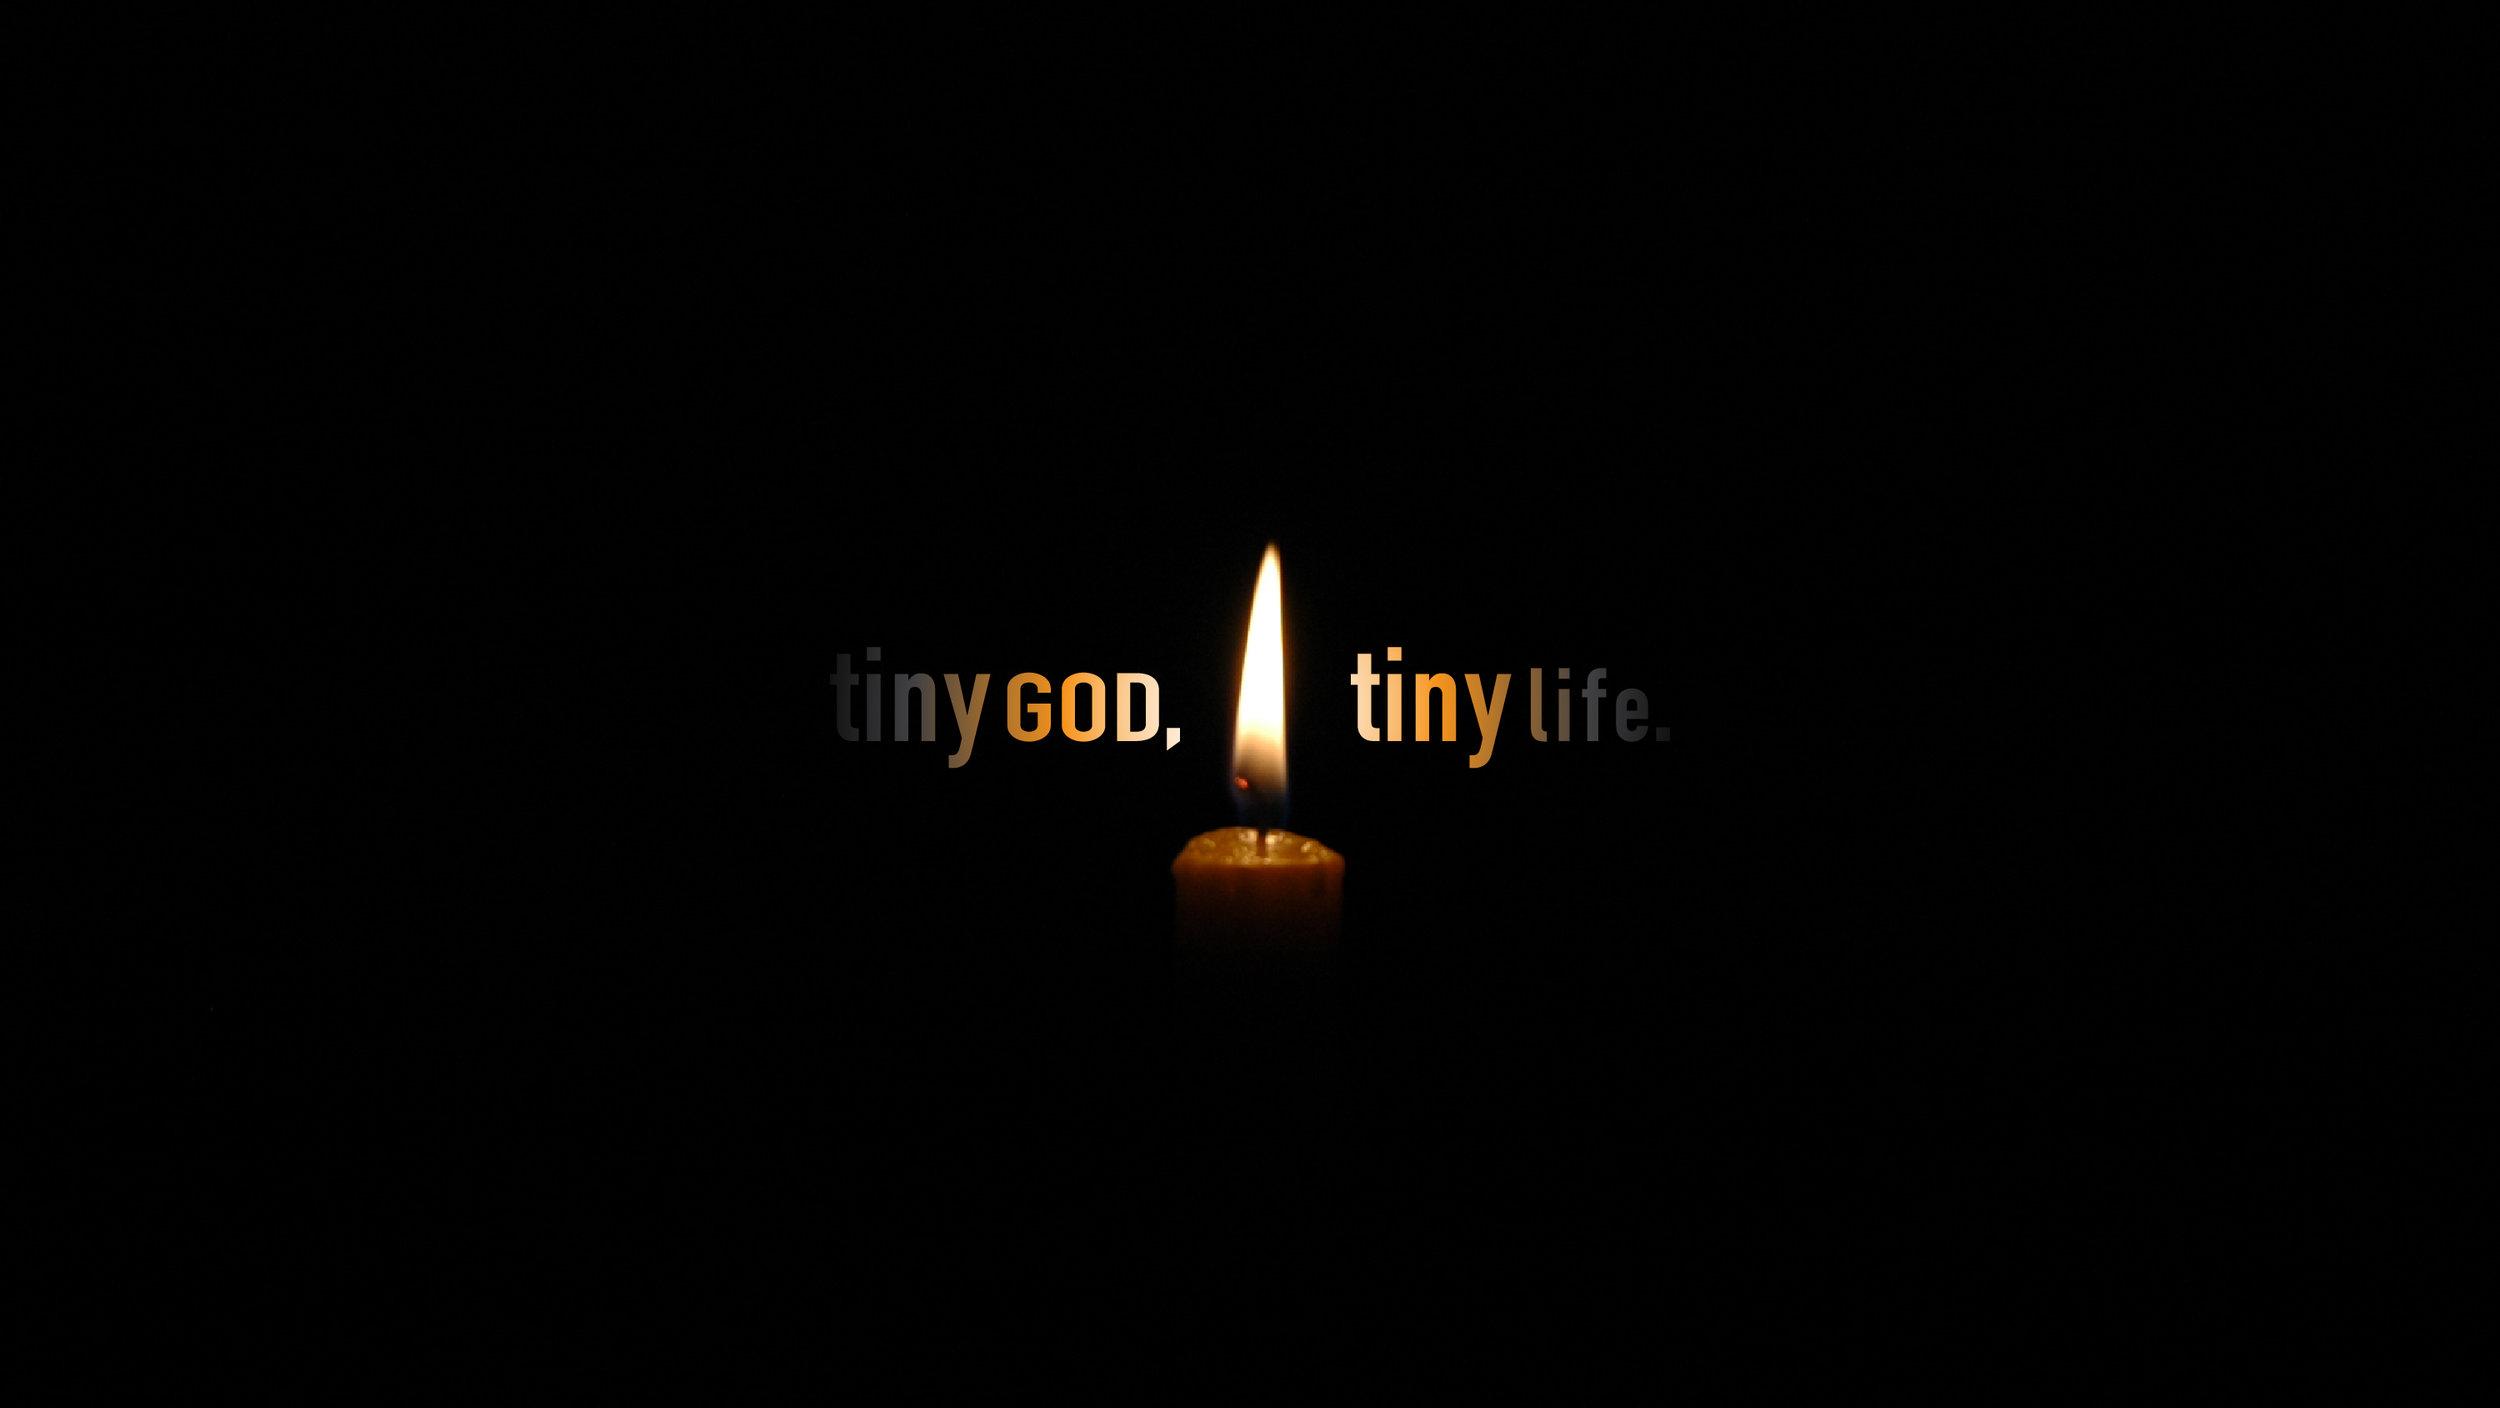 Tiny God, Tiny Life-02.jpg